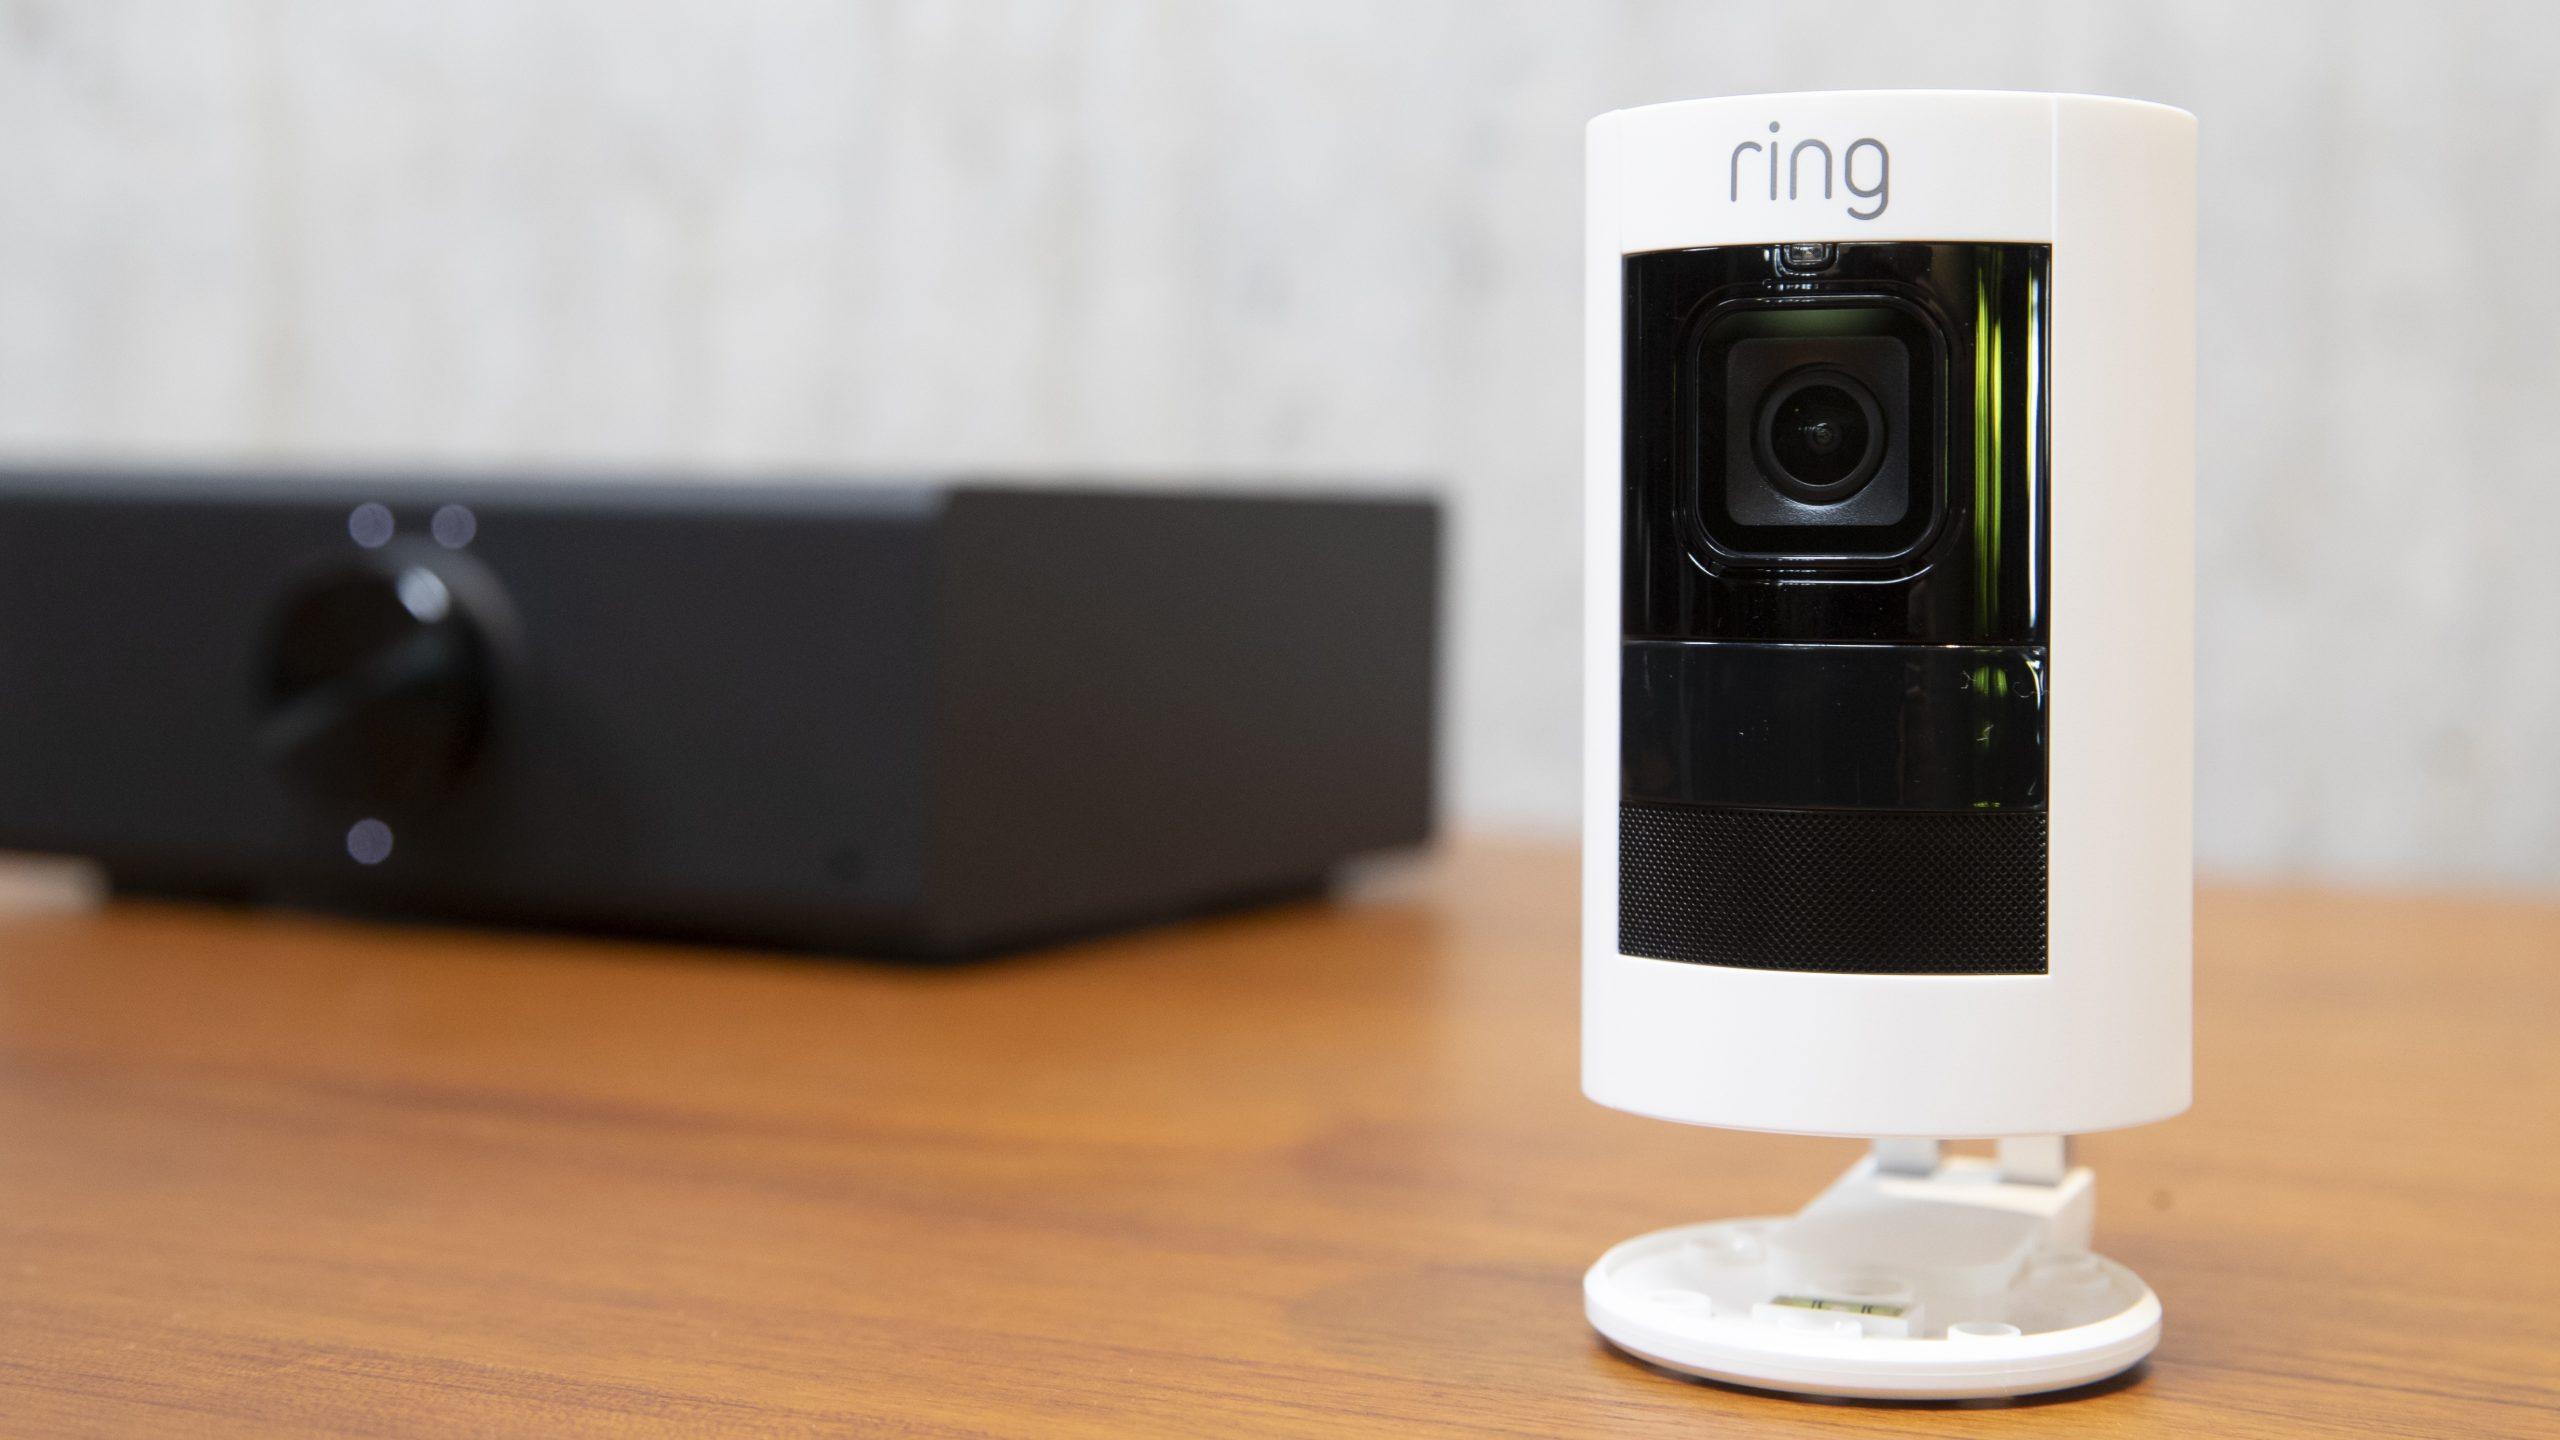 Cómo habilitar la autenticación de dos factores (2FA) para cámaras Ring